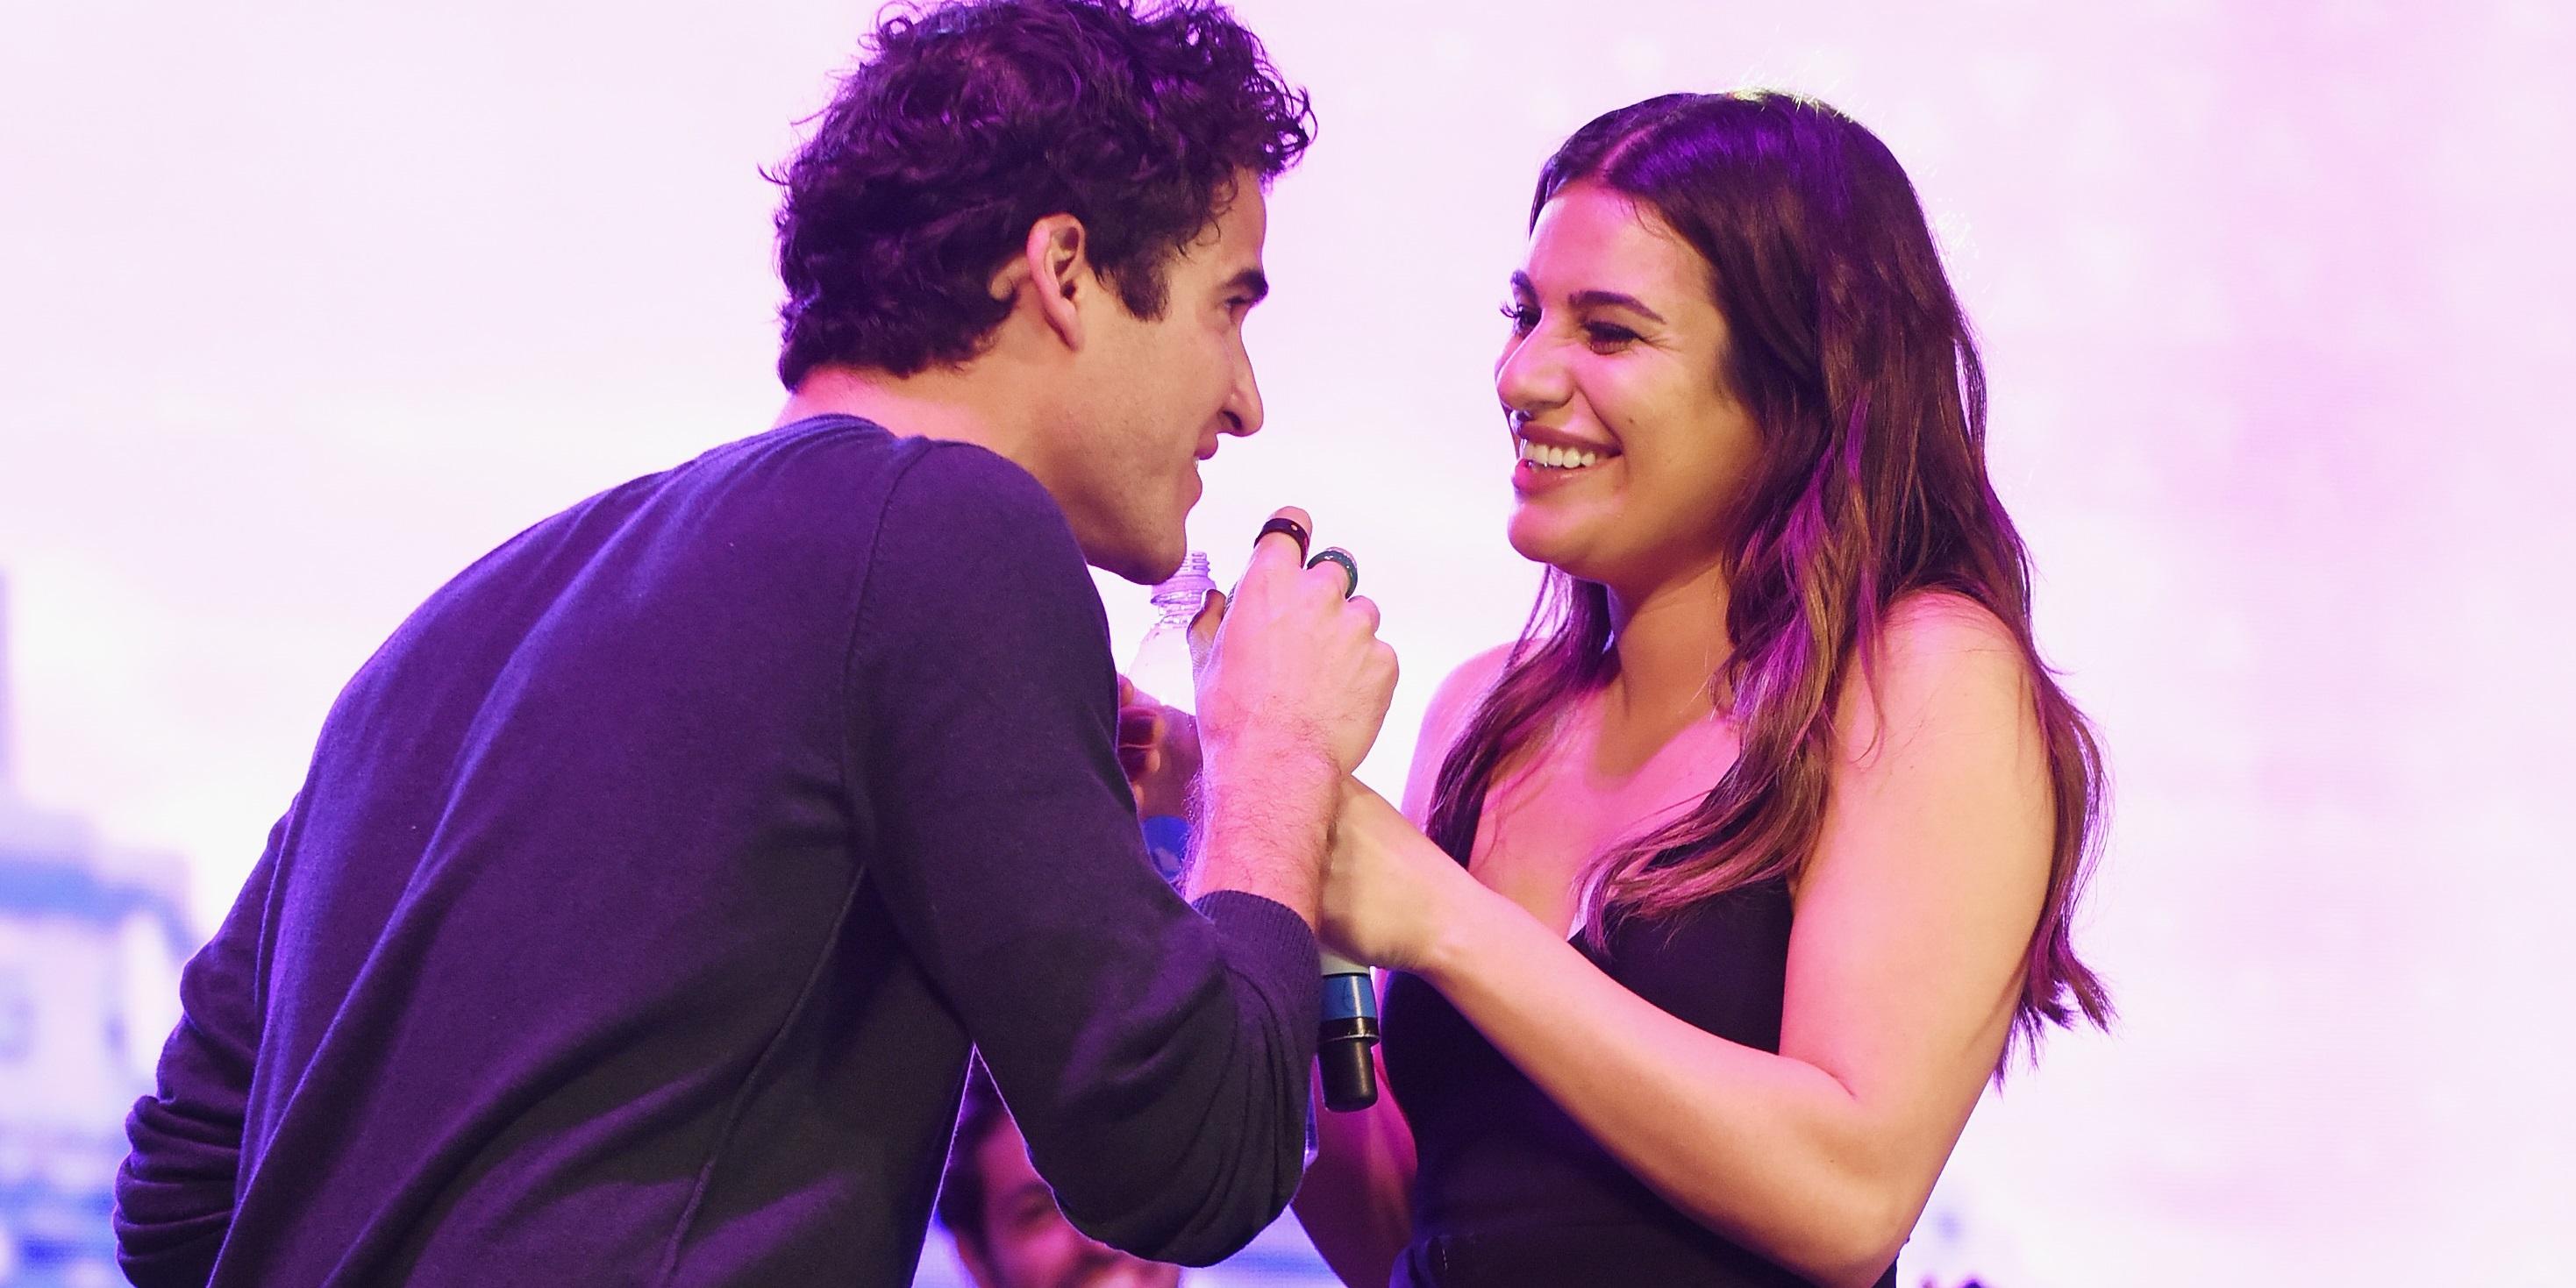 Darren Criss e Lea Michele relembram tempos de 'Glee' com performance linda de 'Falling Slowly'